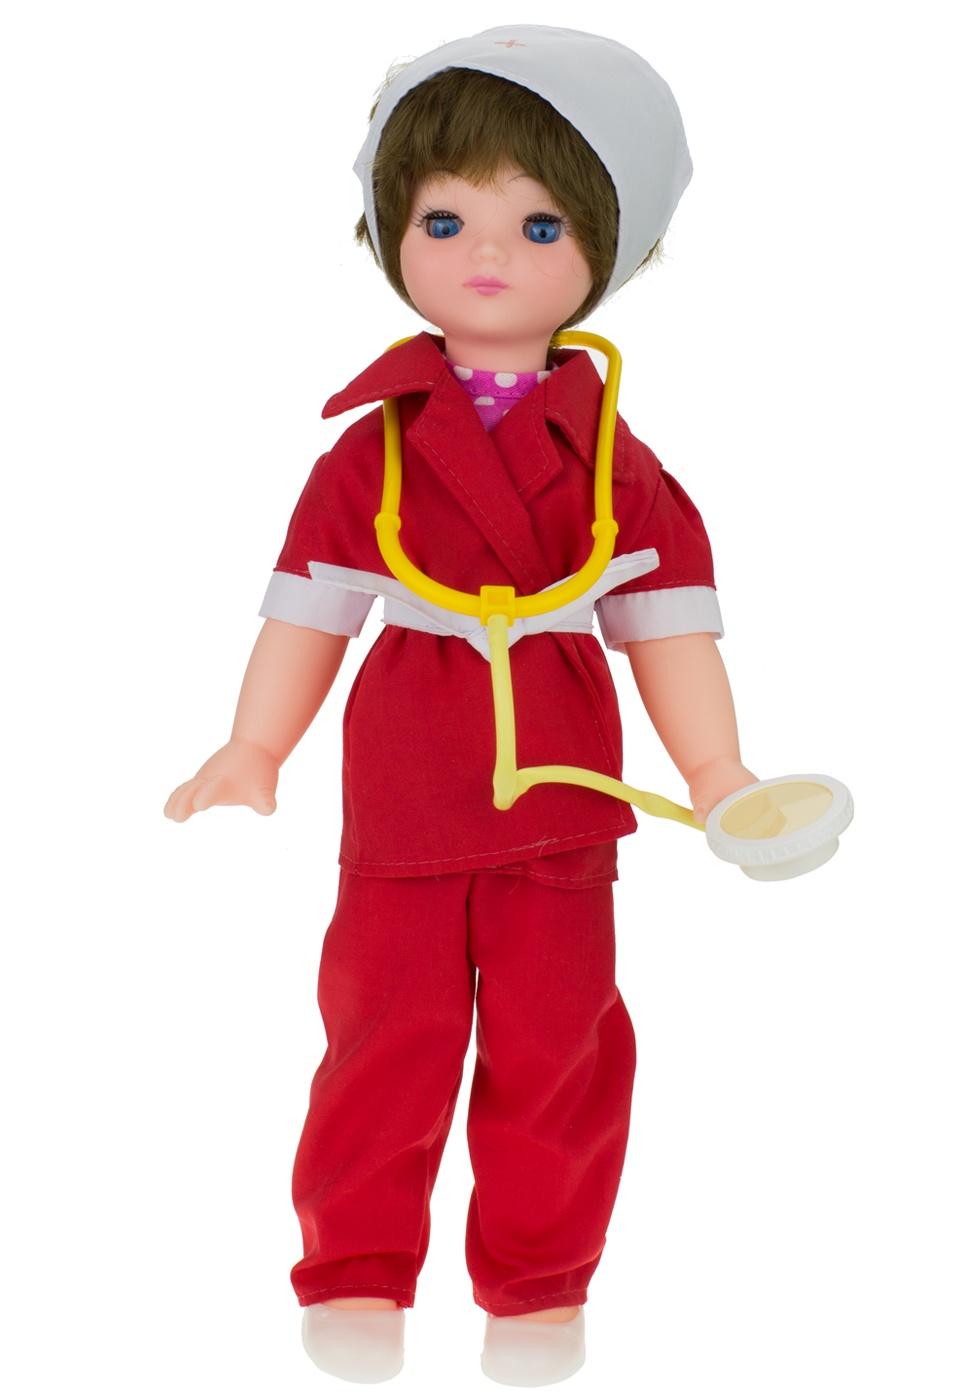 Кукла Мир кукол Врач М1 красный куклы мир кукол кукла ася пак 35 см